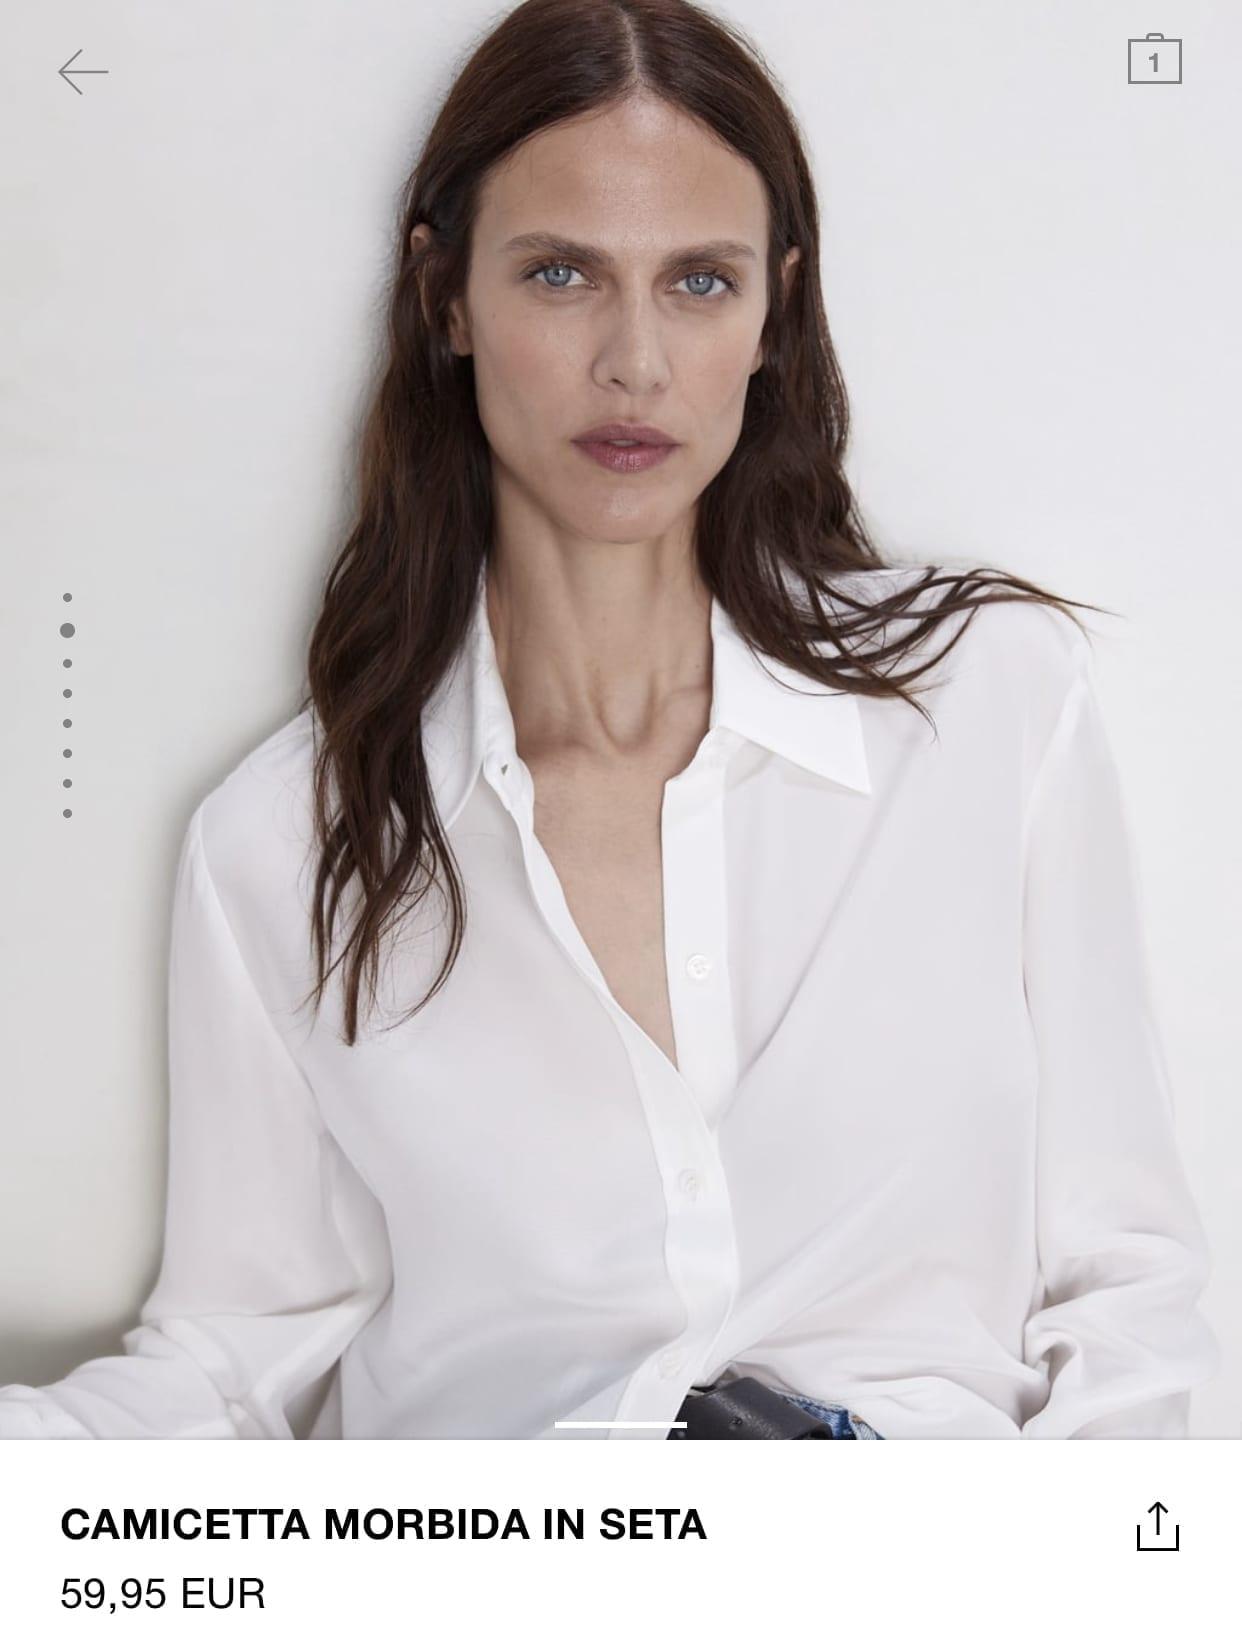 cosa comprare da zara autunno 2019, camicia bianca zara 2019, come vestirsi minimal chic